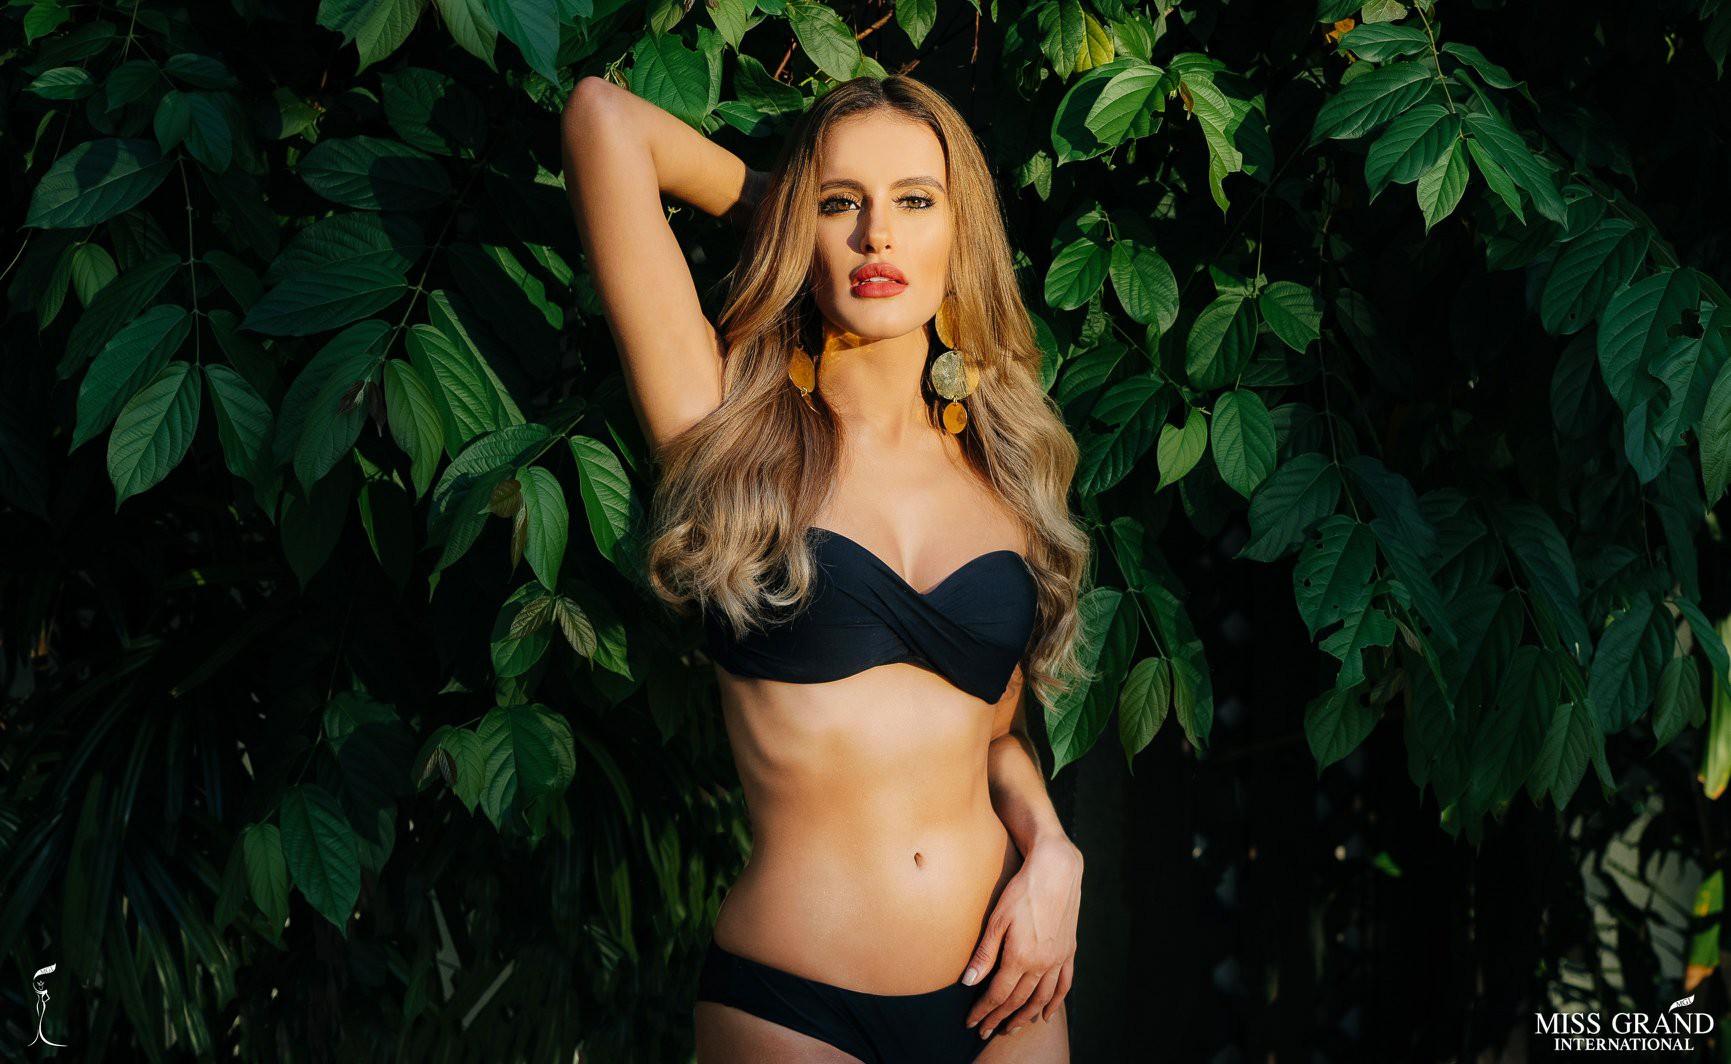 Phương Nga khoe body nóng bỏng, ngồi vị trí trung tâm trong bộ ảnh bikini tại Miss Grand International 2018 - Ảnh 6.